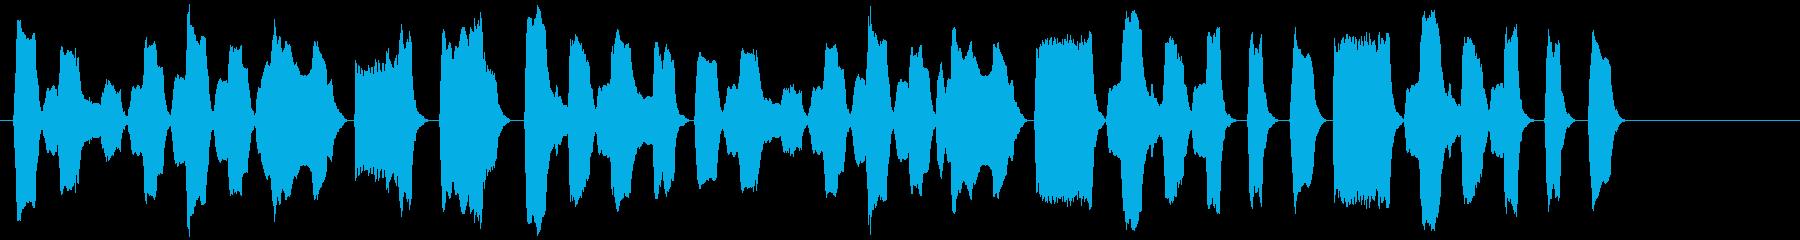 ピタゴラスイッチ風リコーダーBGMの再生済みの波形